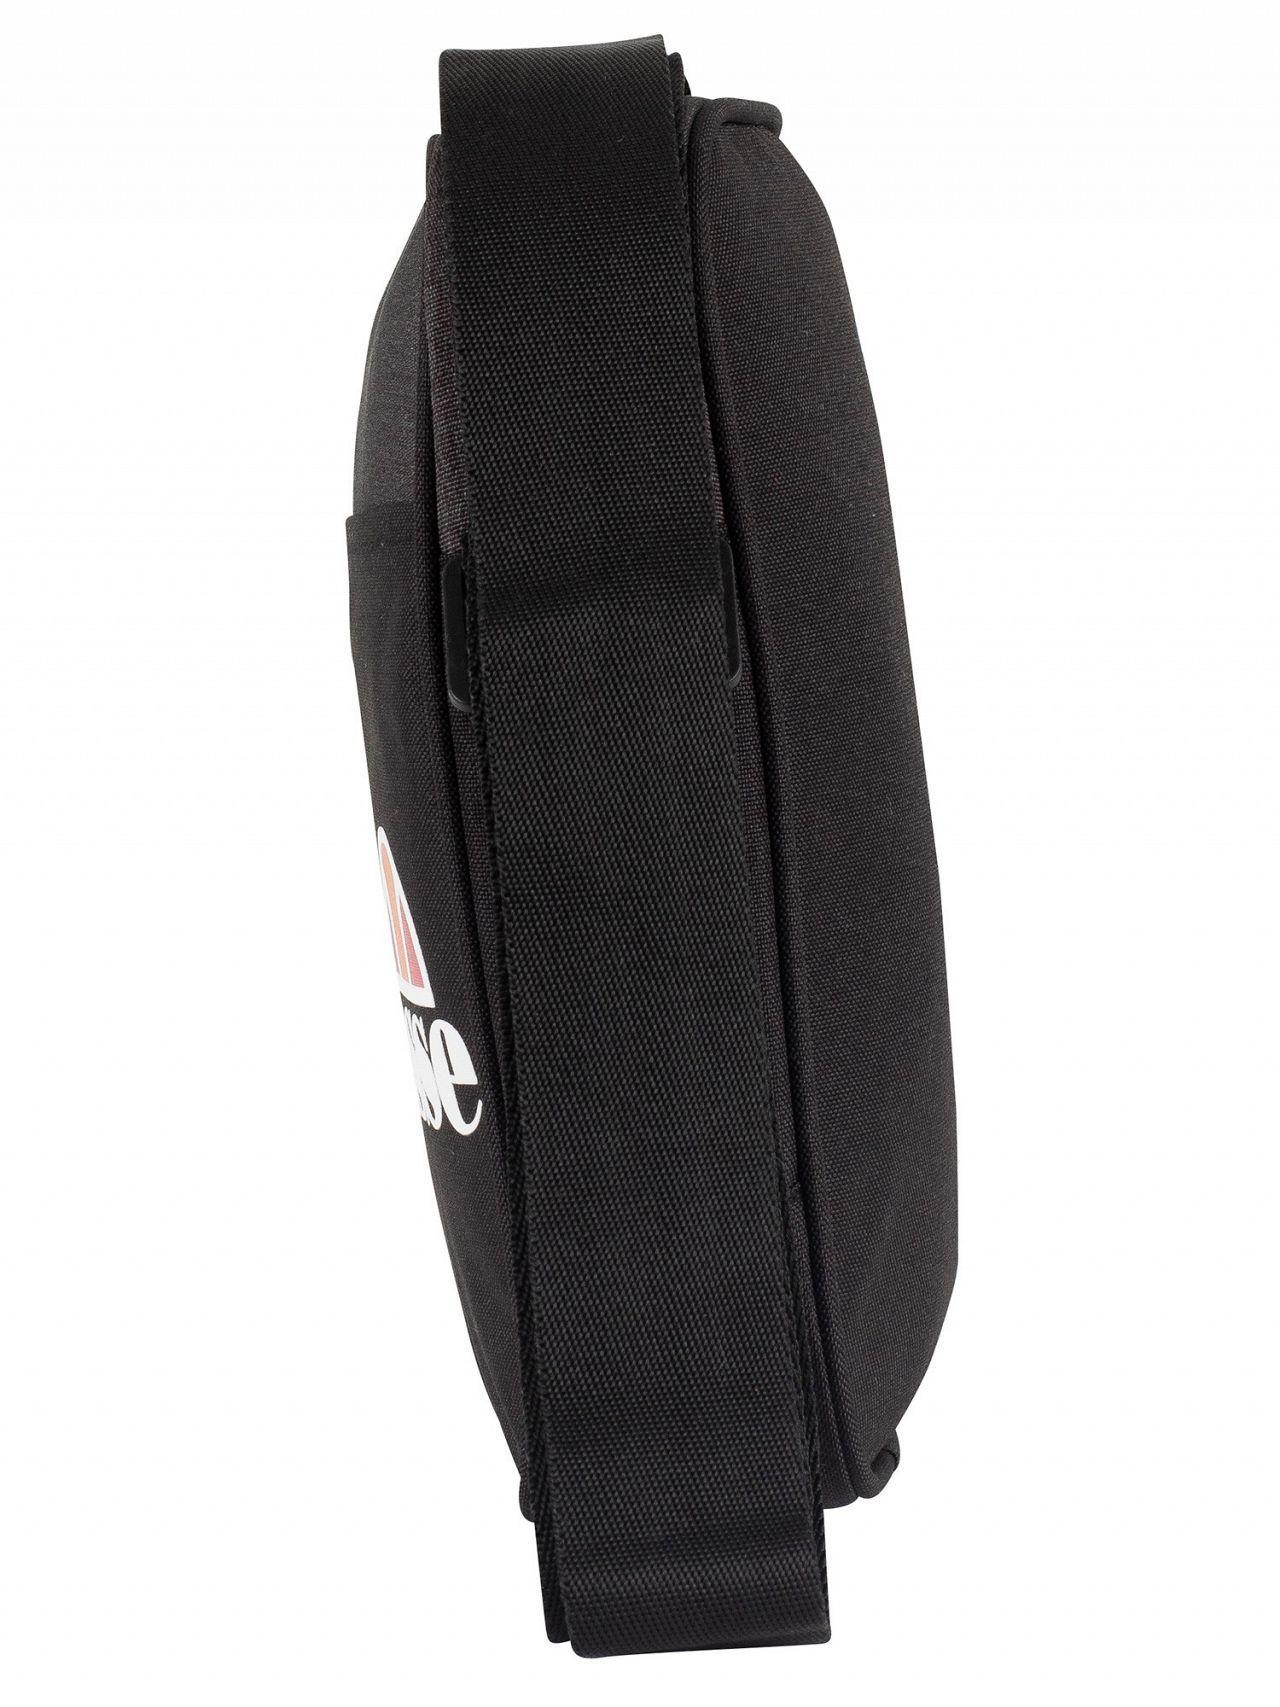 5b6975f19e70 Ellesse Men s Lukka Cross Body Bag